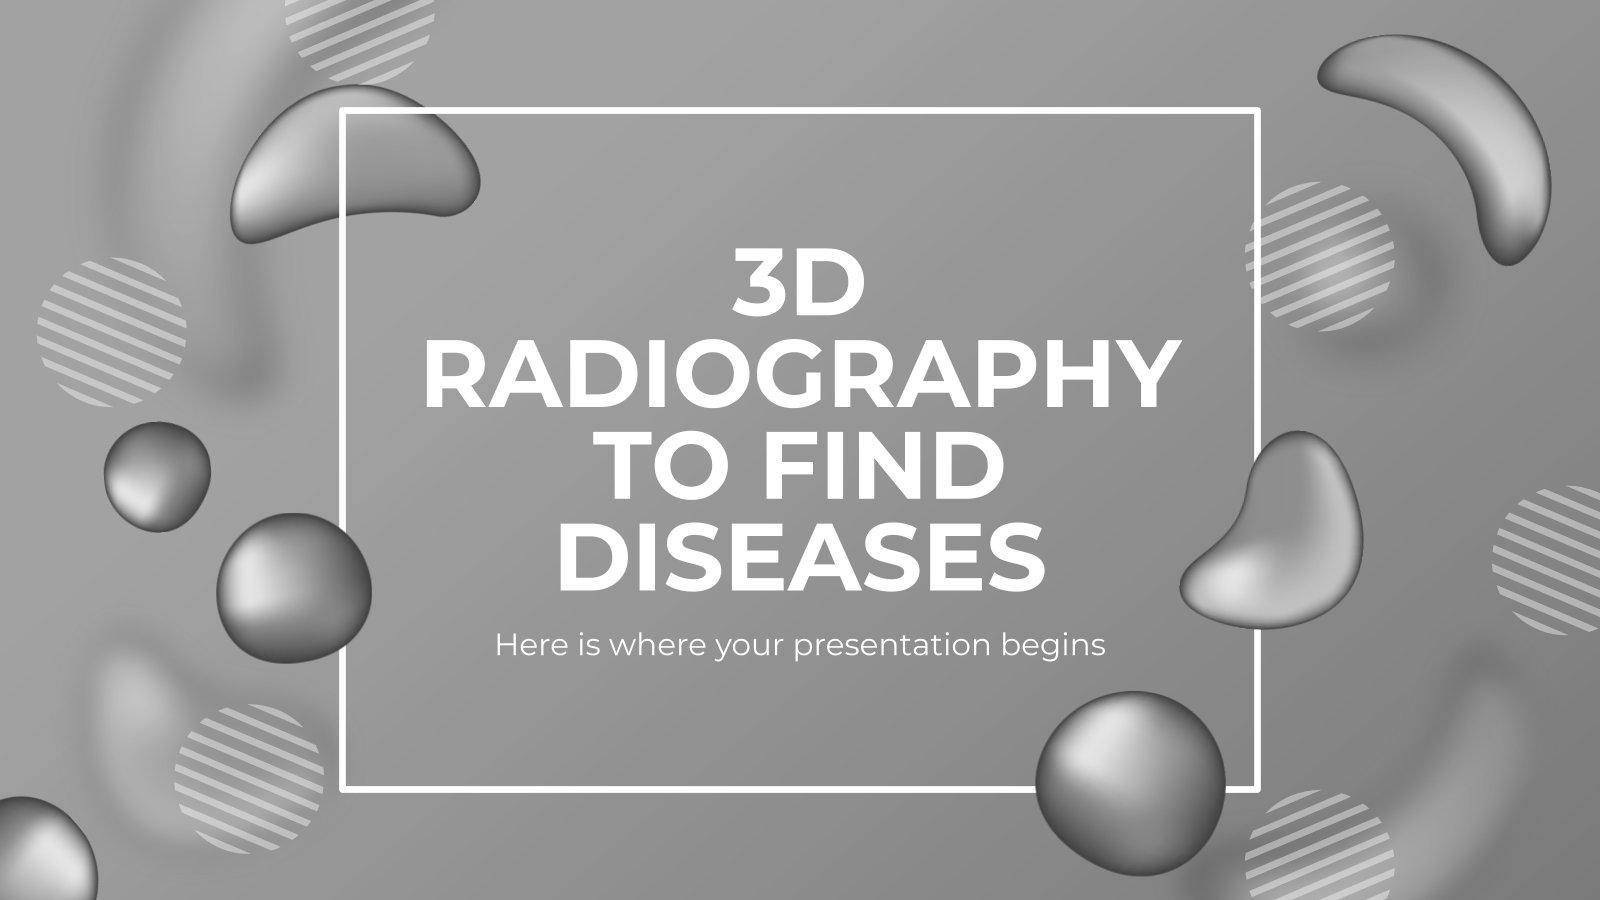 Radiographie 3D pour le diagnostic : Modèles de présentation